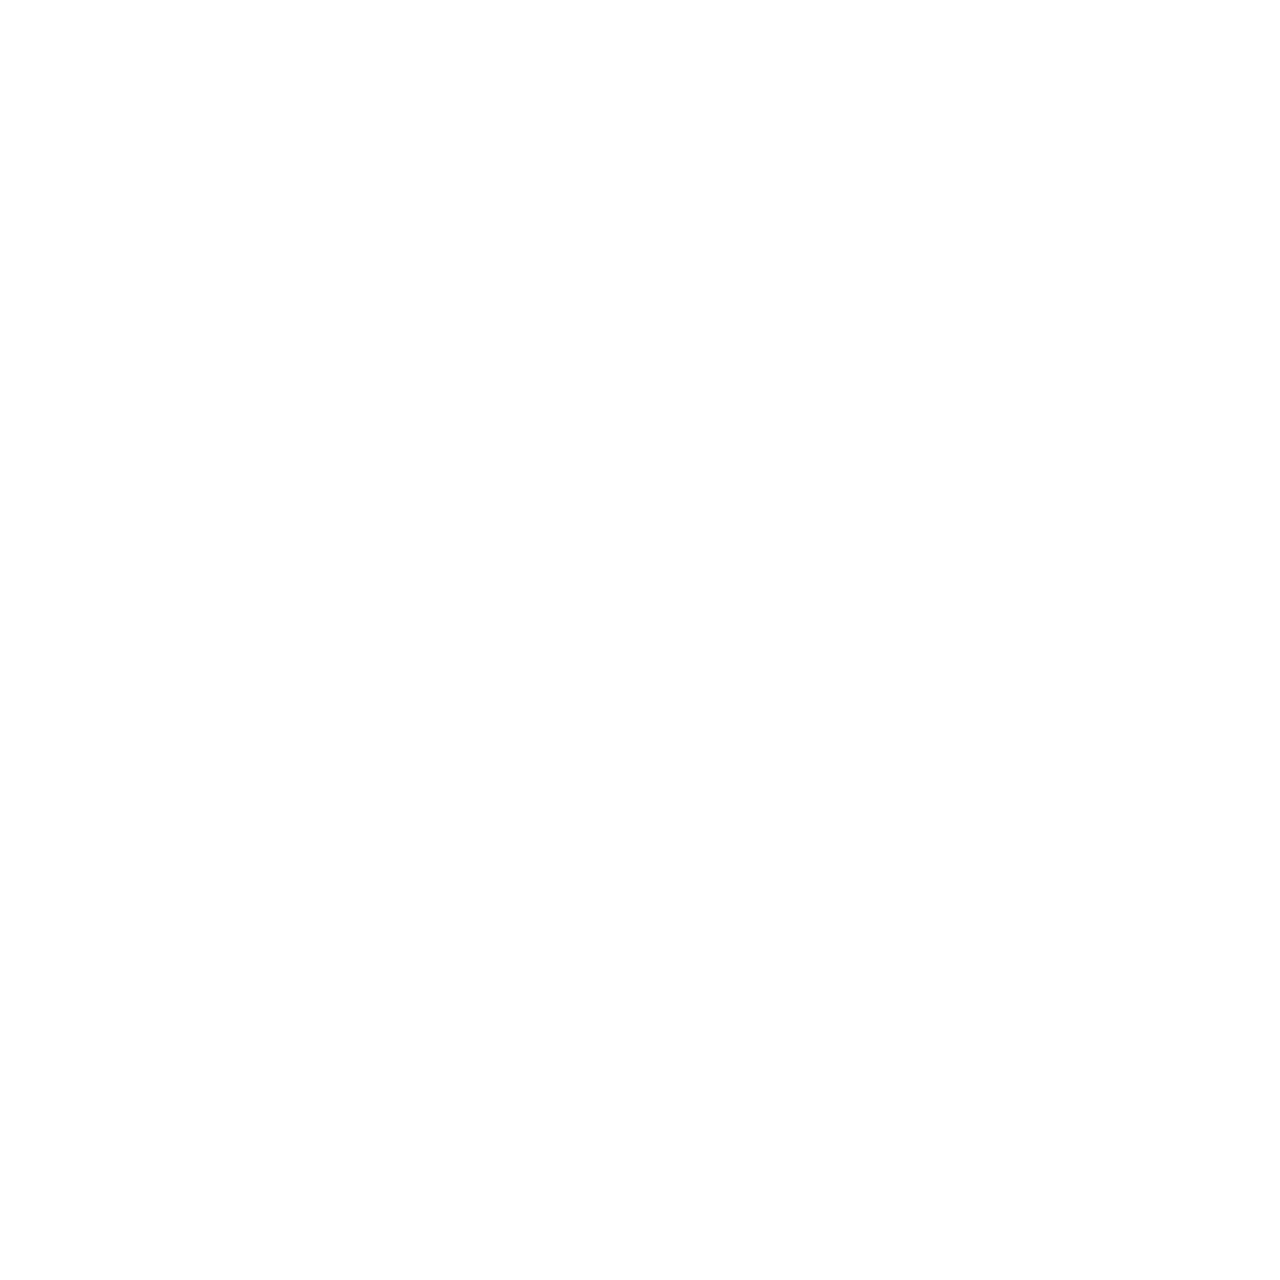 Башенная пушка Иконка